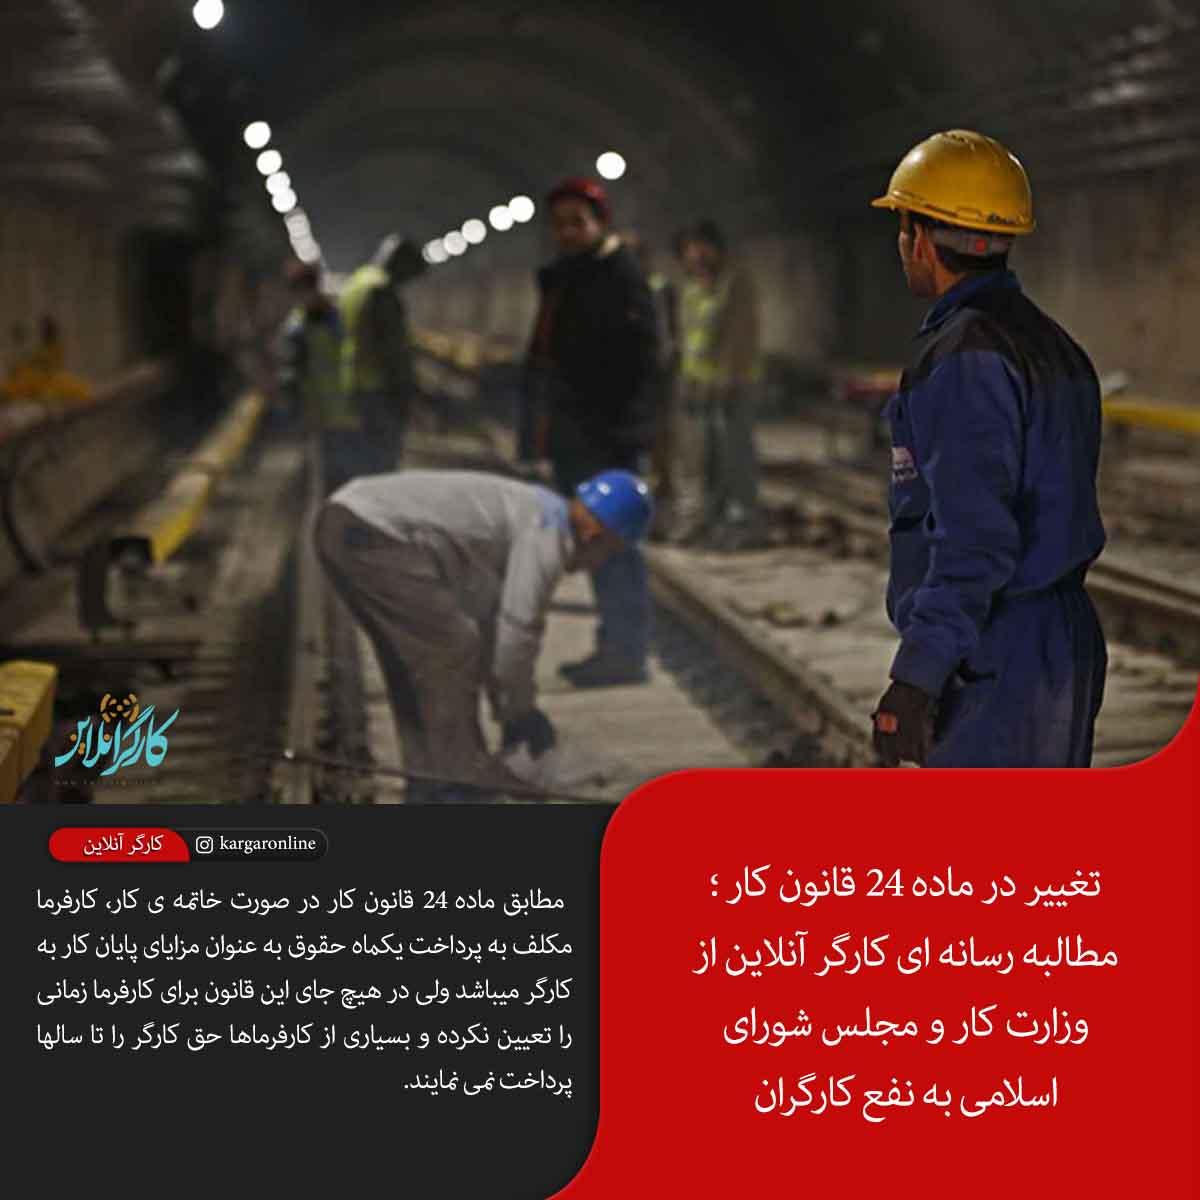 تغییر در ماده ۲۴ قانون کار ؛ مطالبه رسانه ای کارگر آنلاین از وزارت کار و مجلس شورای اسلامی به نفع کارگران